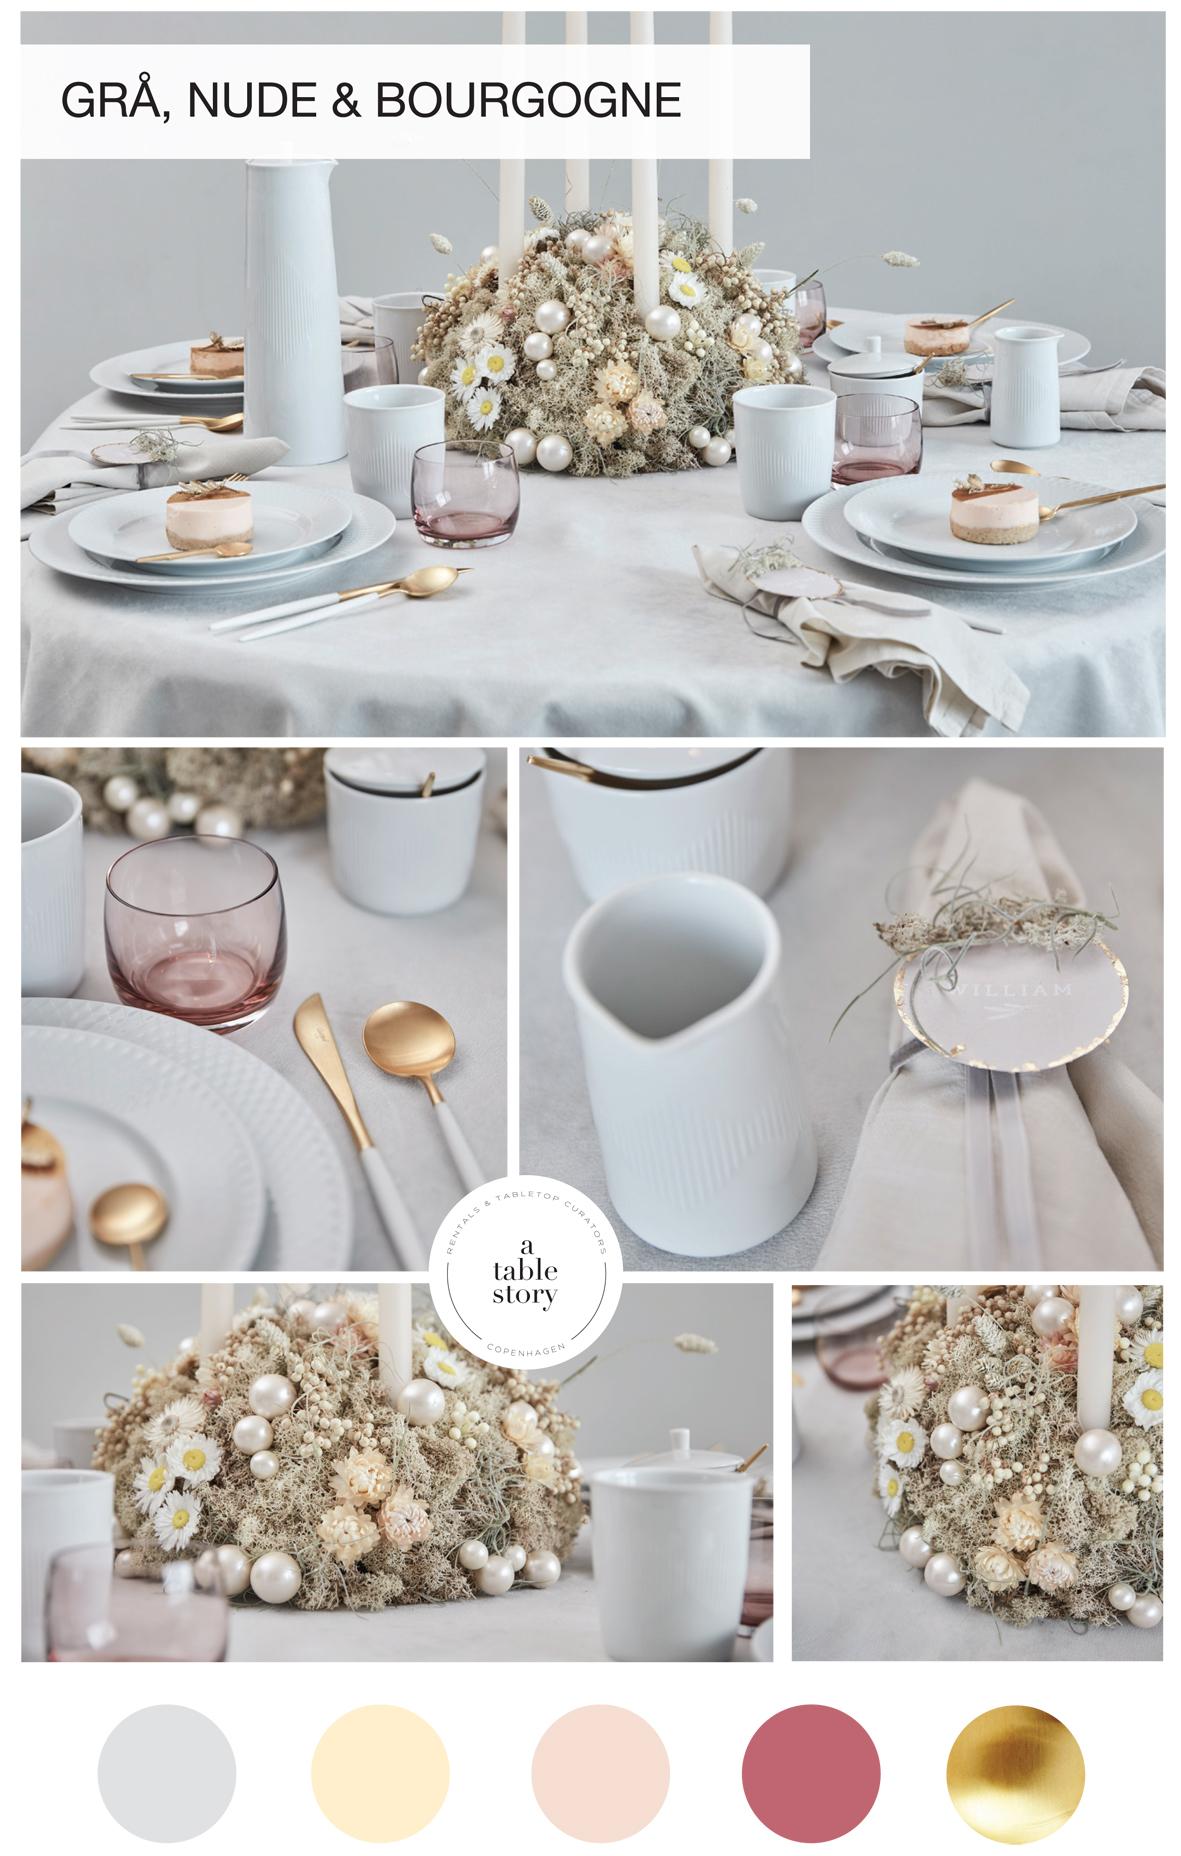 A TABLE STORY EKSKLUSIV SERVICEUDELJNING JULEBORD BORDDÆKNING